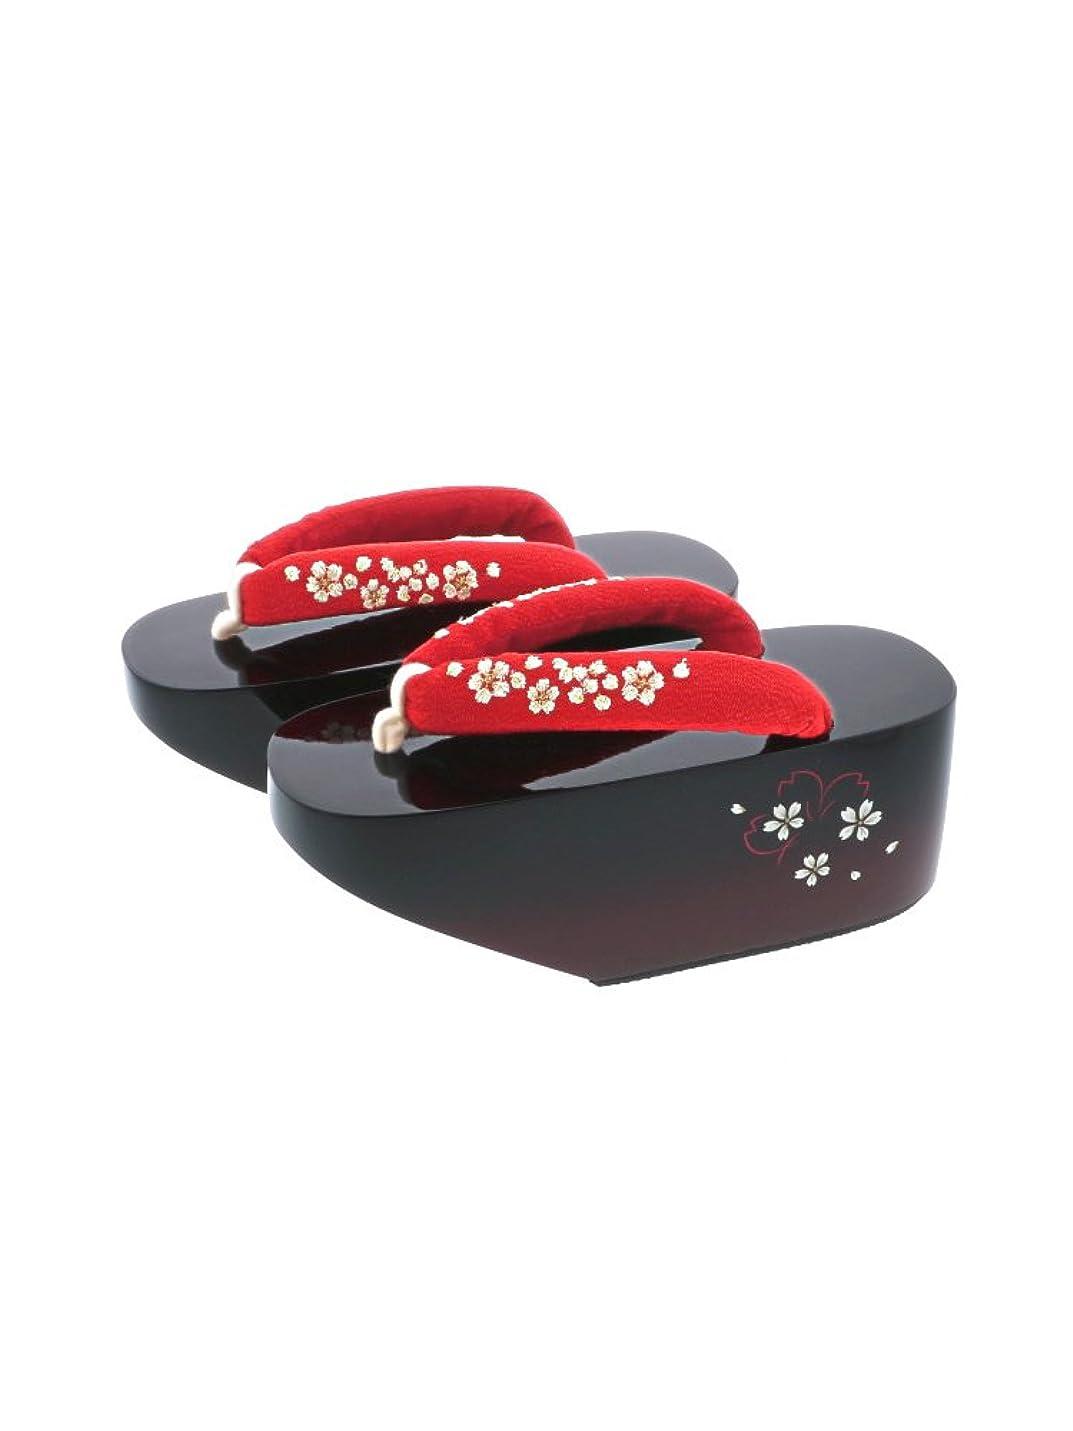 野な付属品アッパー[ 京都きもの町 ] 舞妓さんみたいな おこぼ こっぽり ぽっくり 赤×桜 刺繍